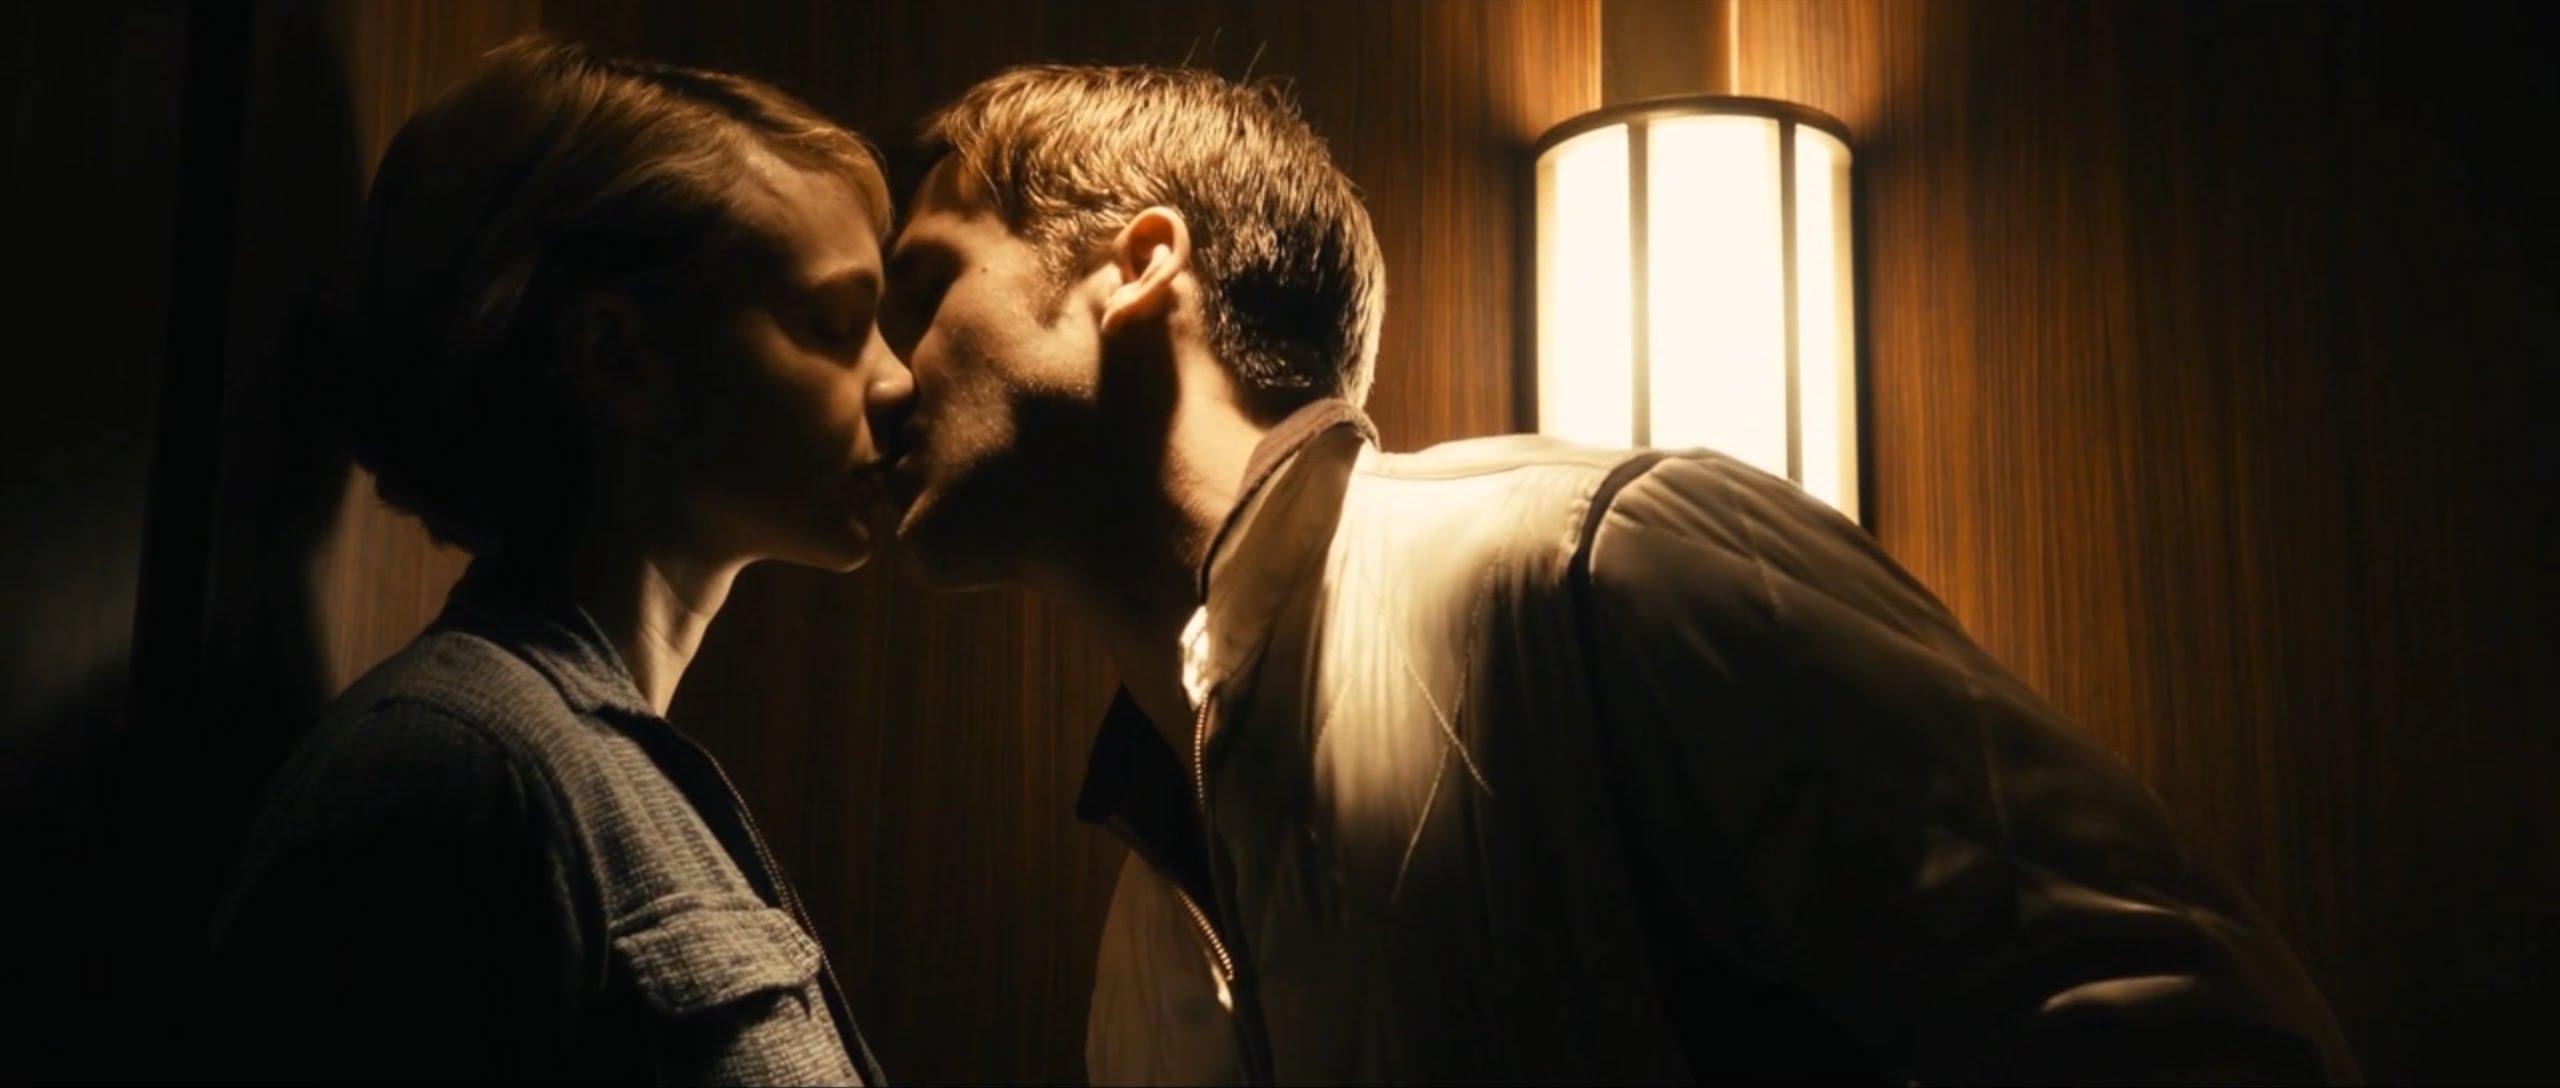 """Wie """"Drive"""" von Nicolas Winding Refn das Quadranten-System nutzt, könnte es vielleicht doch ein guter Film sein"""